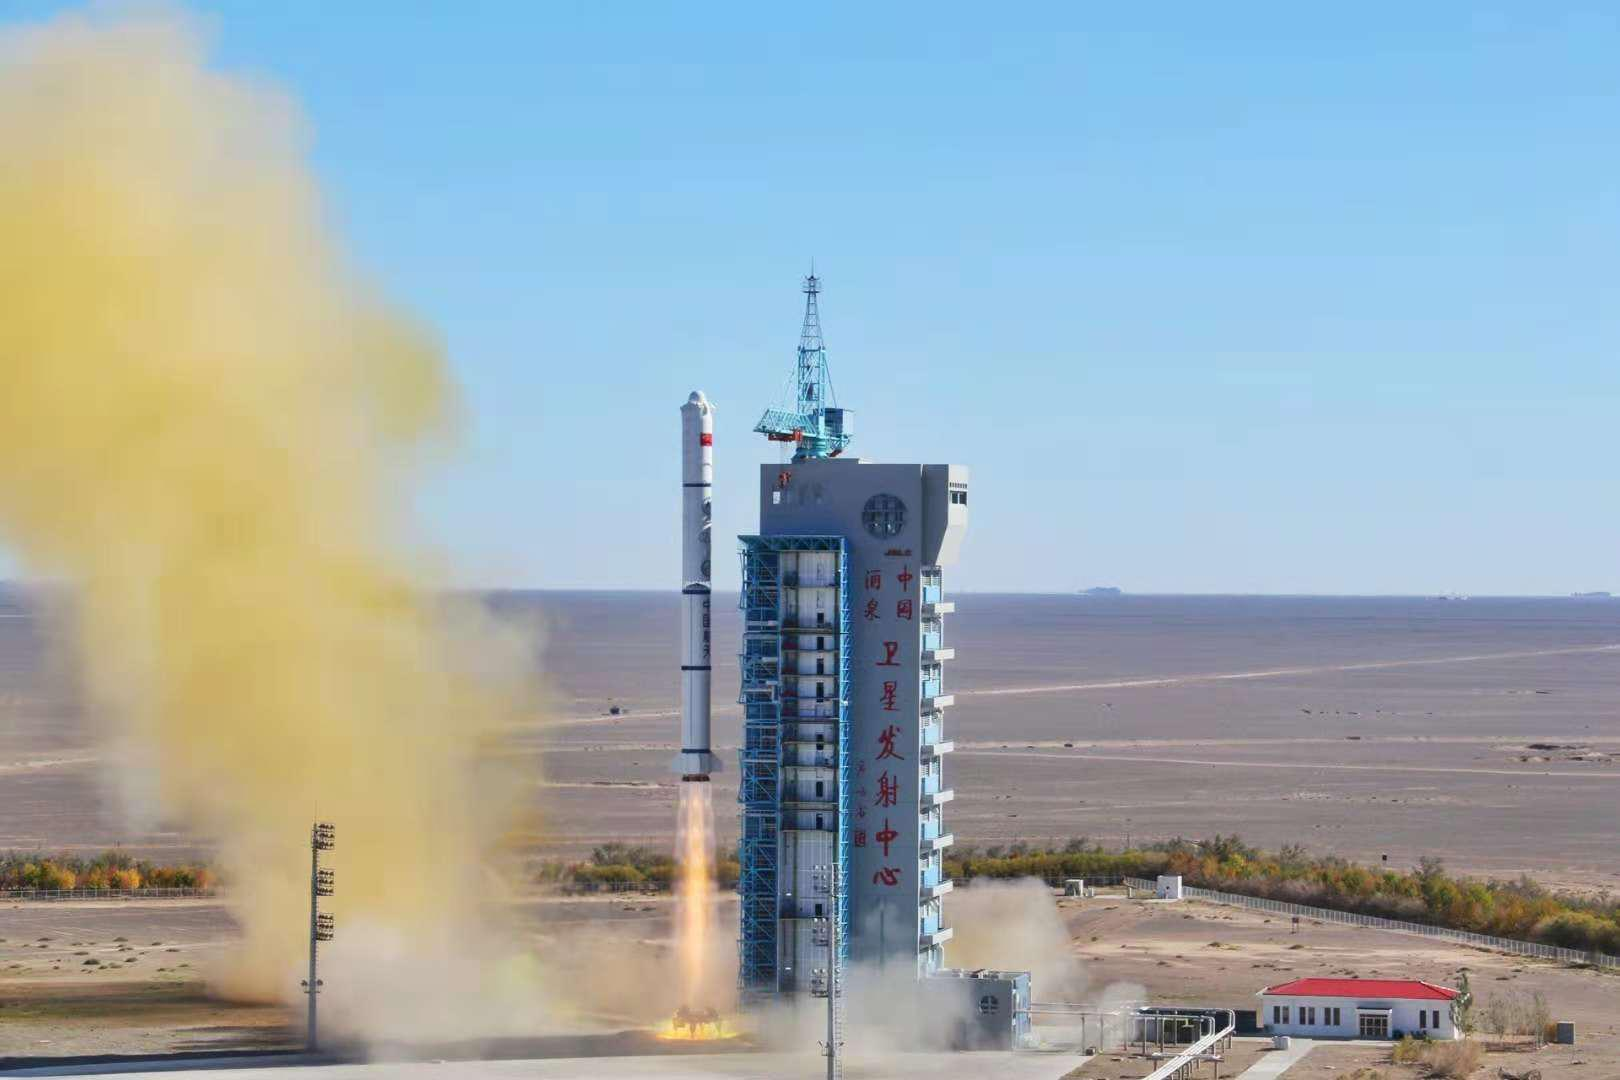 中国长征二号丙火箭送遥感三十二号01组卫星升空